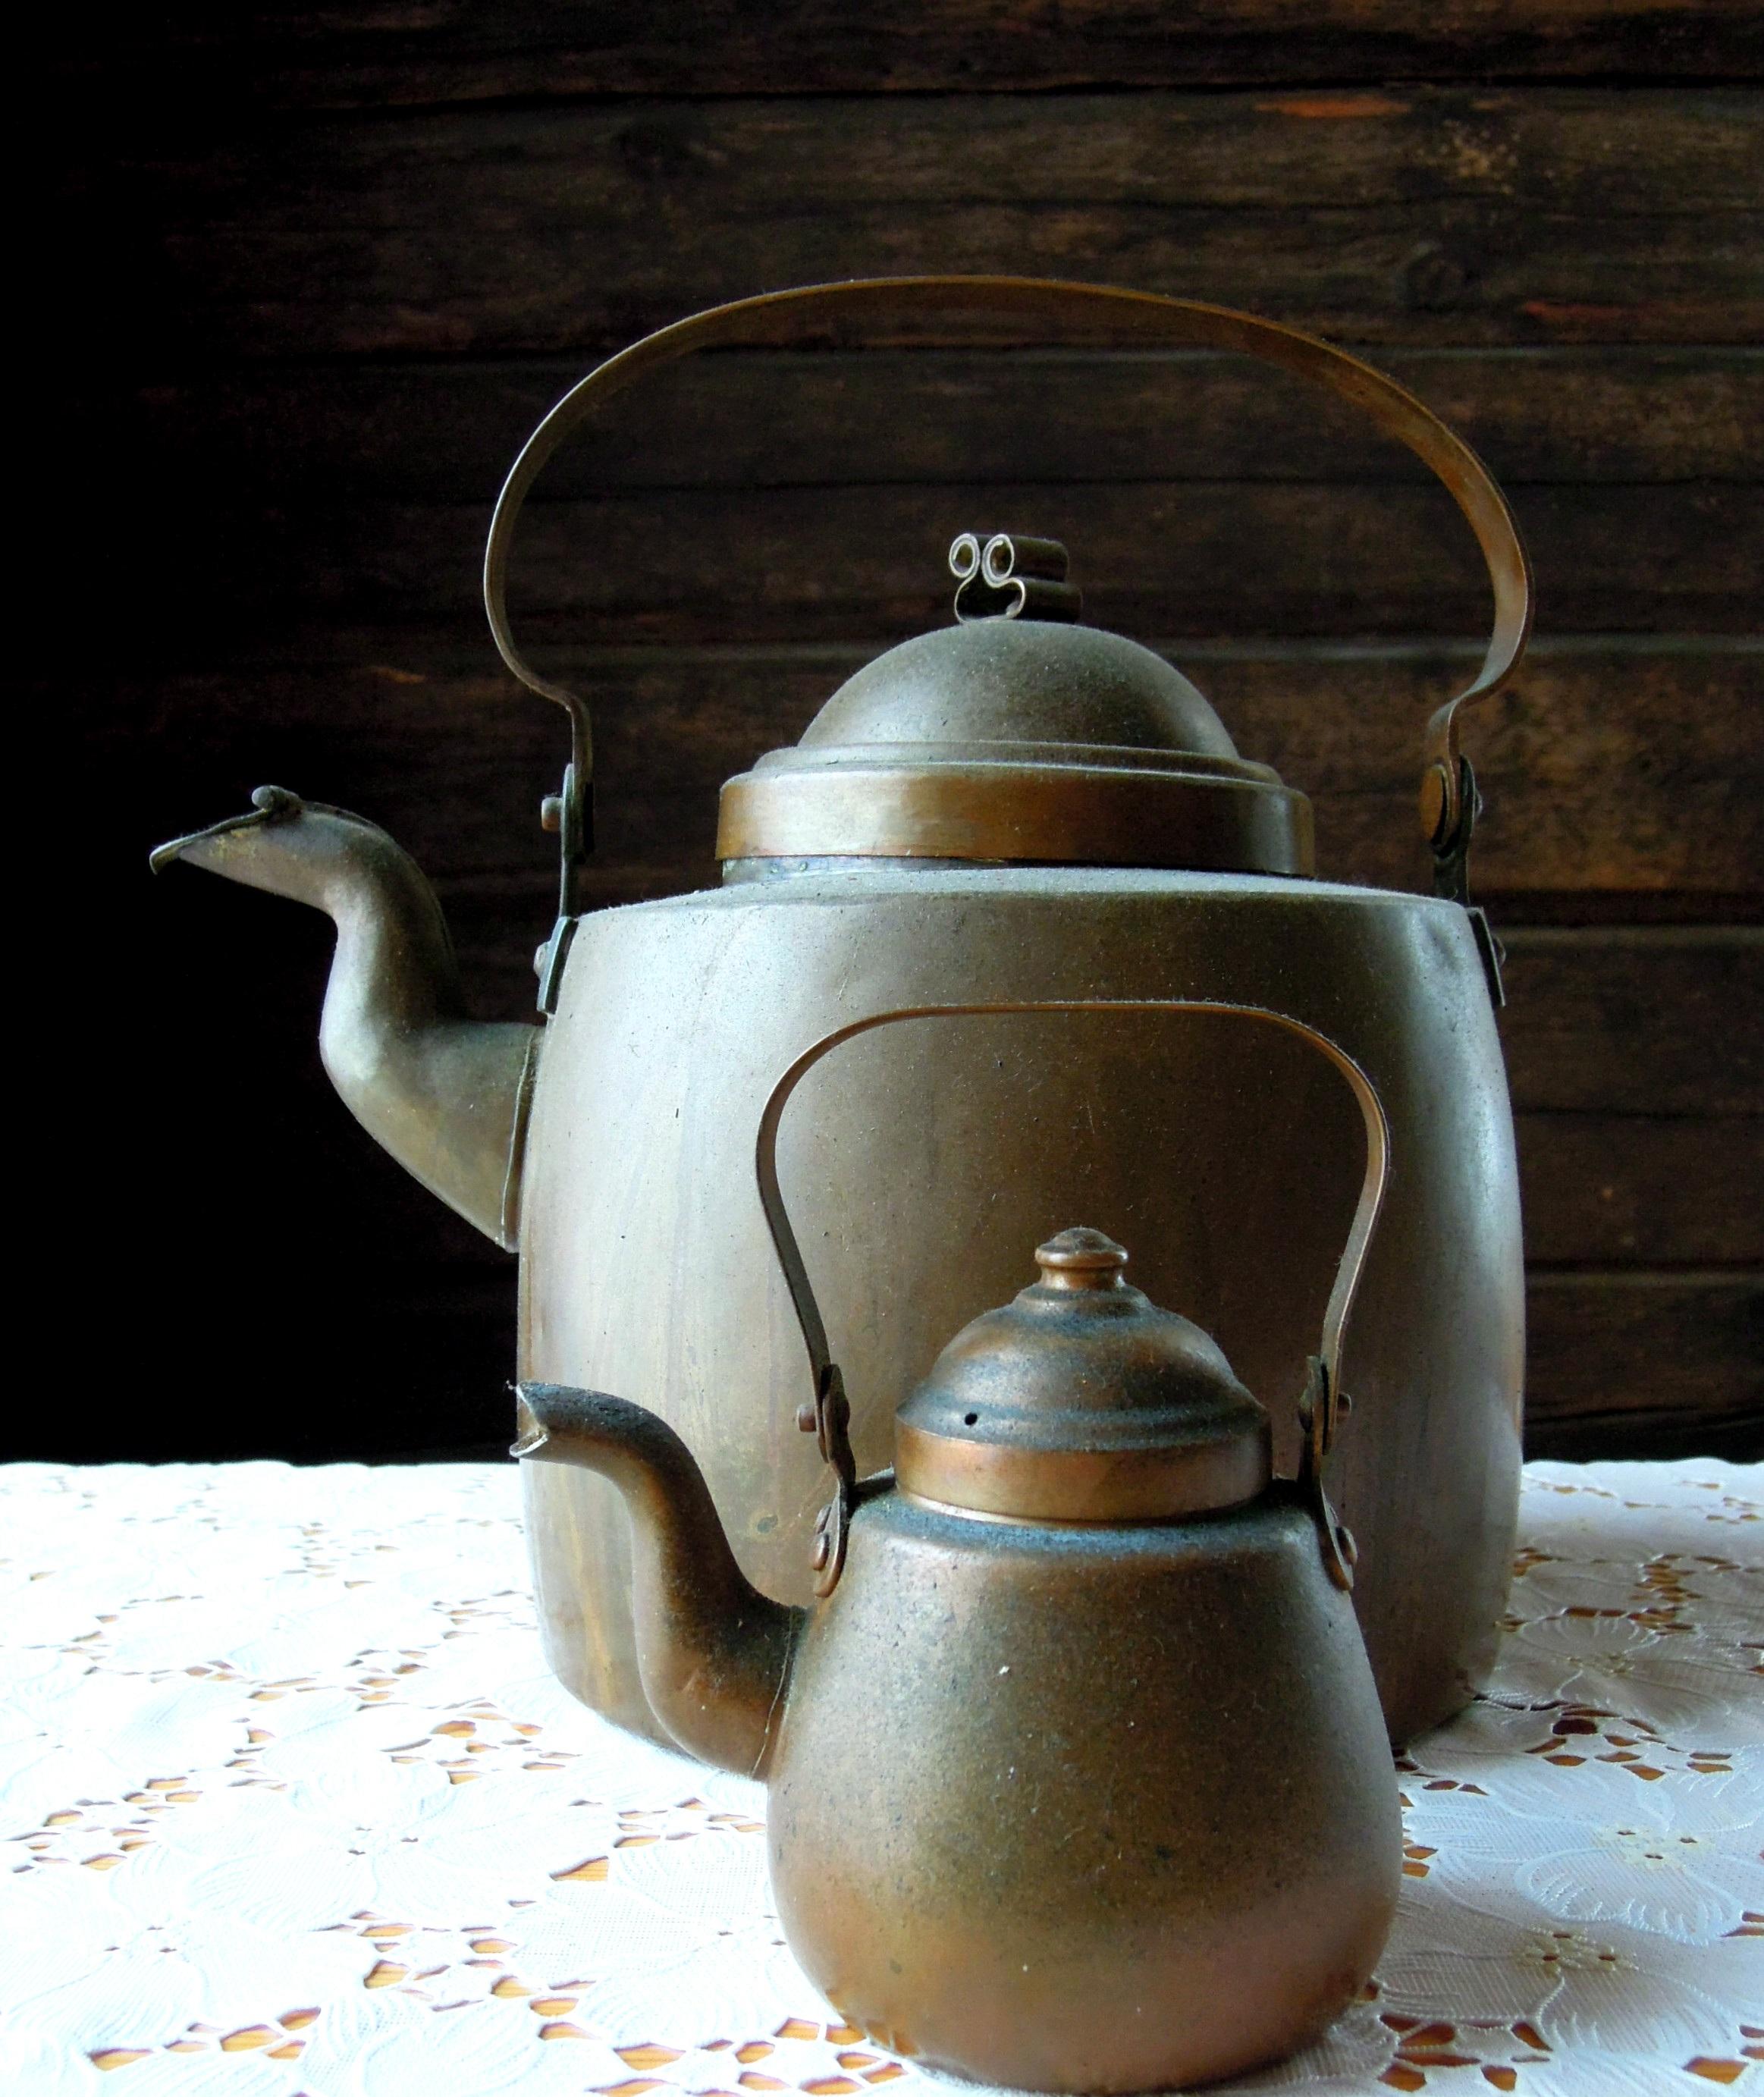 Fotos gratis : café, Retro, antiguo, tetera, casa, maceta, cerámico ...